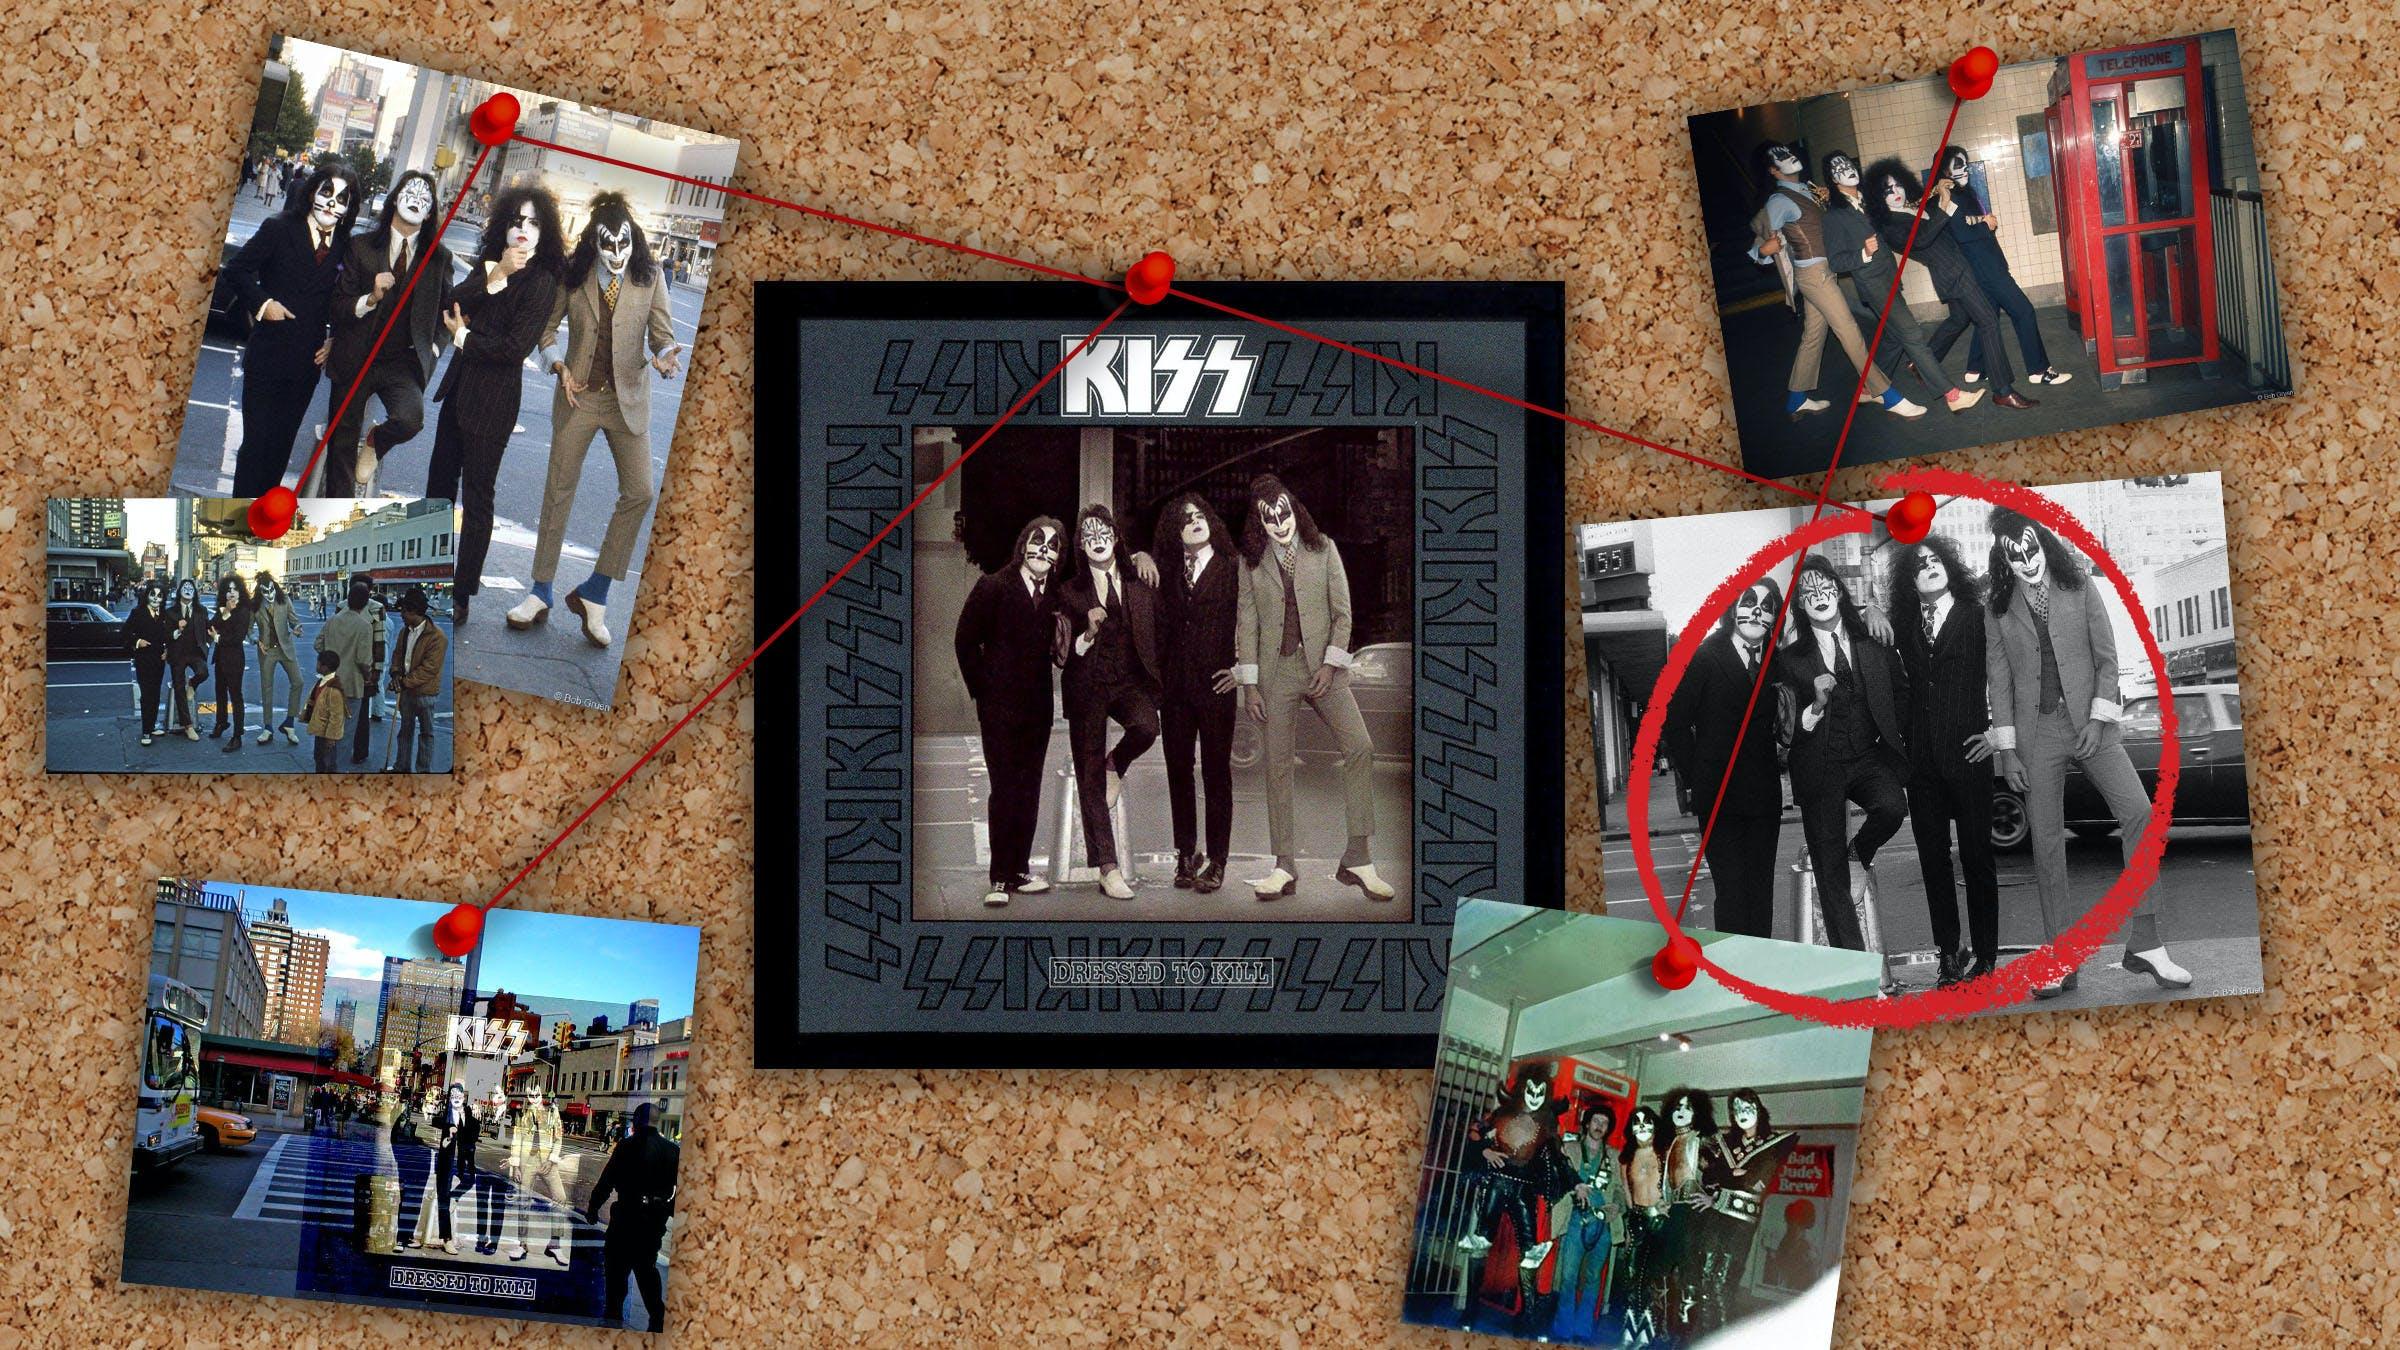 Kerrang Monte Kiss